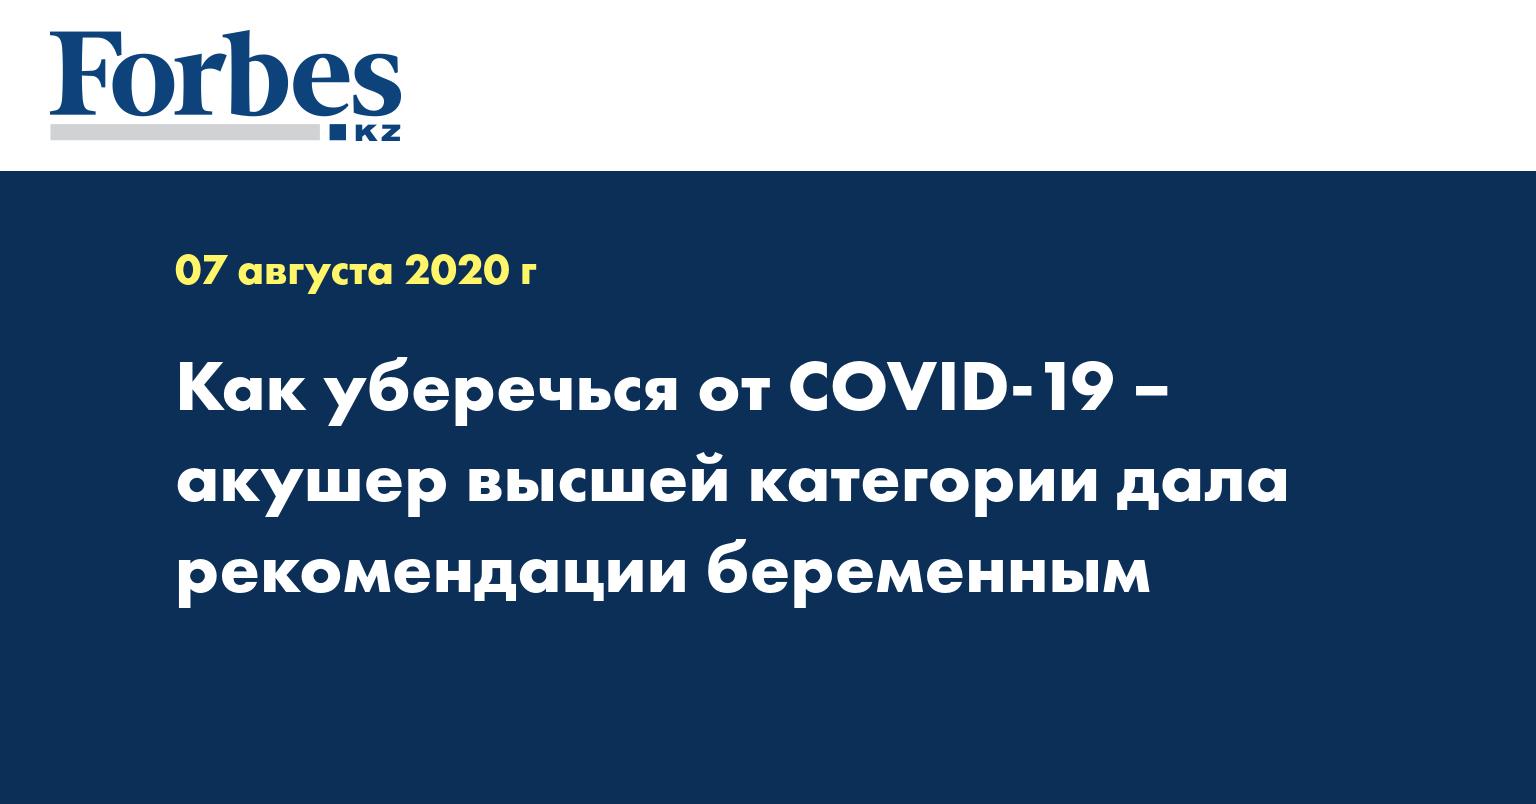 Как уберечься от COVID-19 – акушер высшей категории дала рекомендации беременным